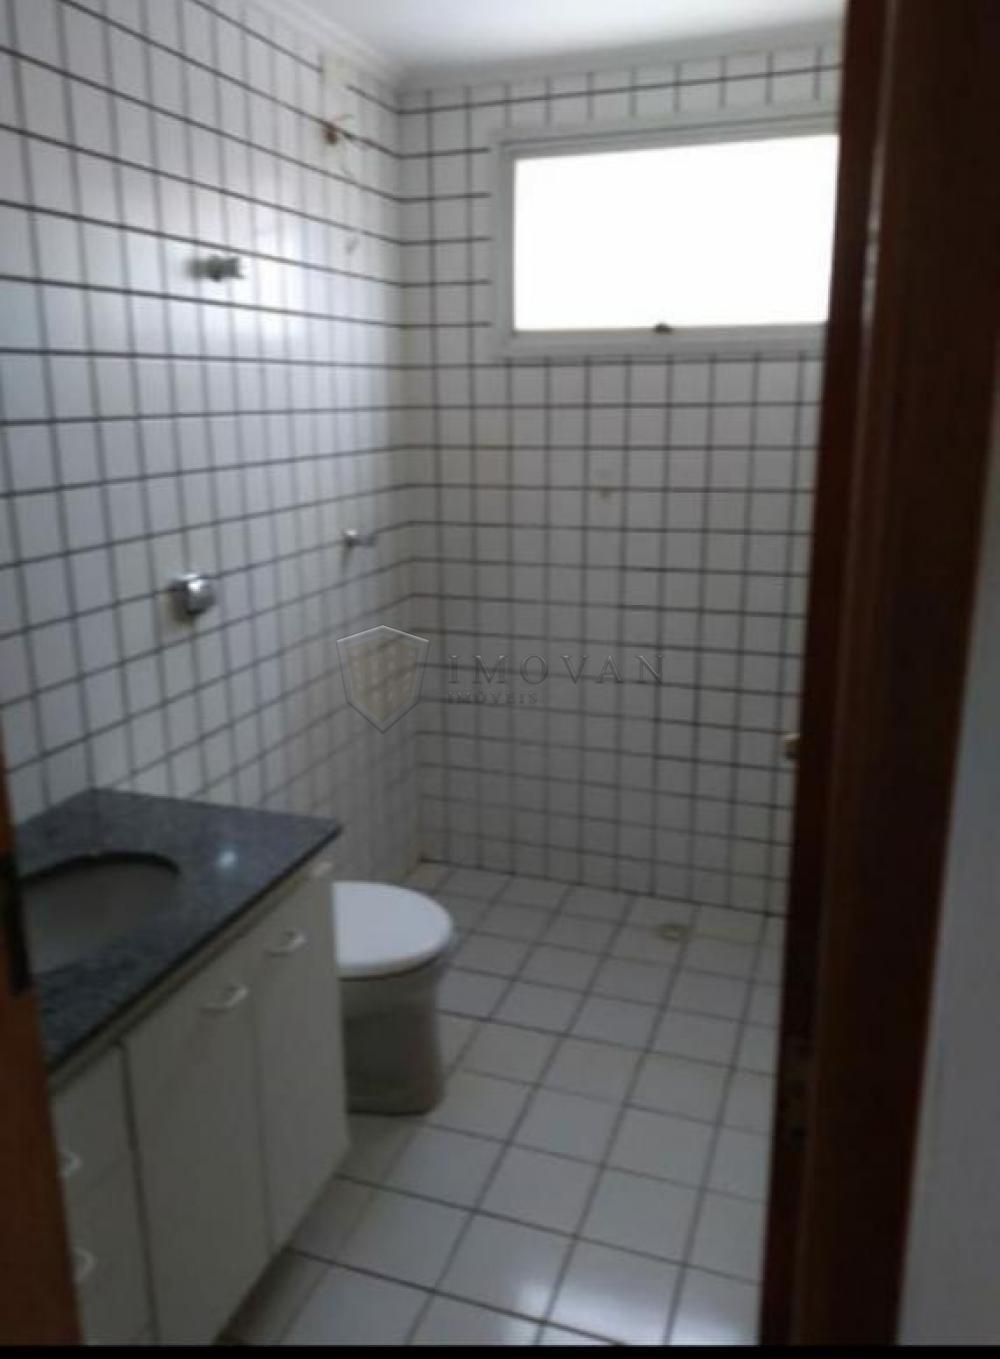 Comprar Apartamento / Padrão em Ribeirão Preto apenas R$ 190.000,00 - Foto 3